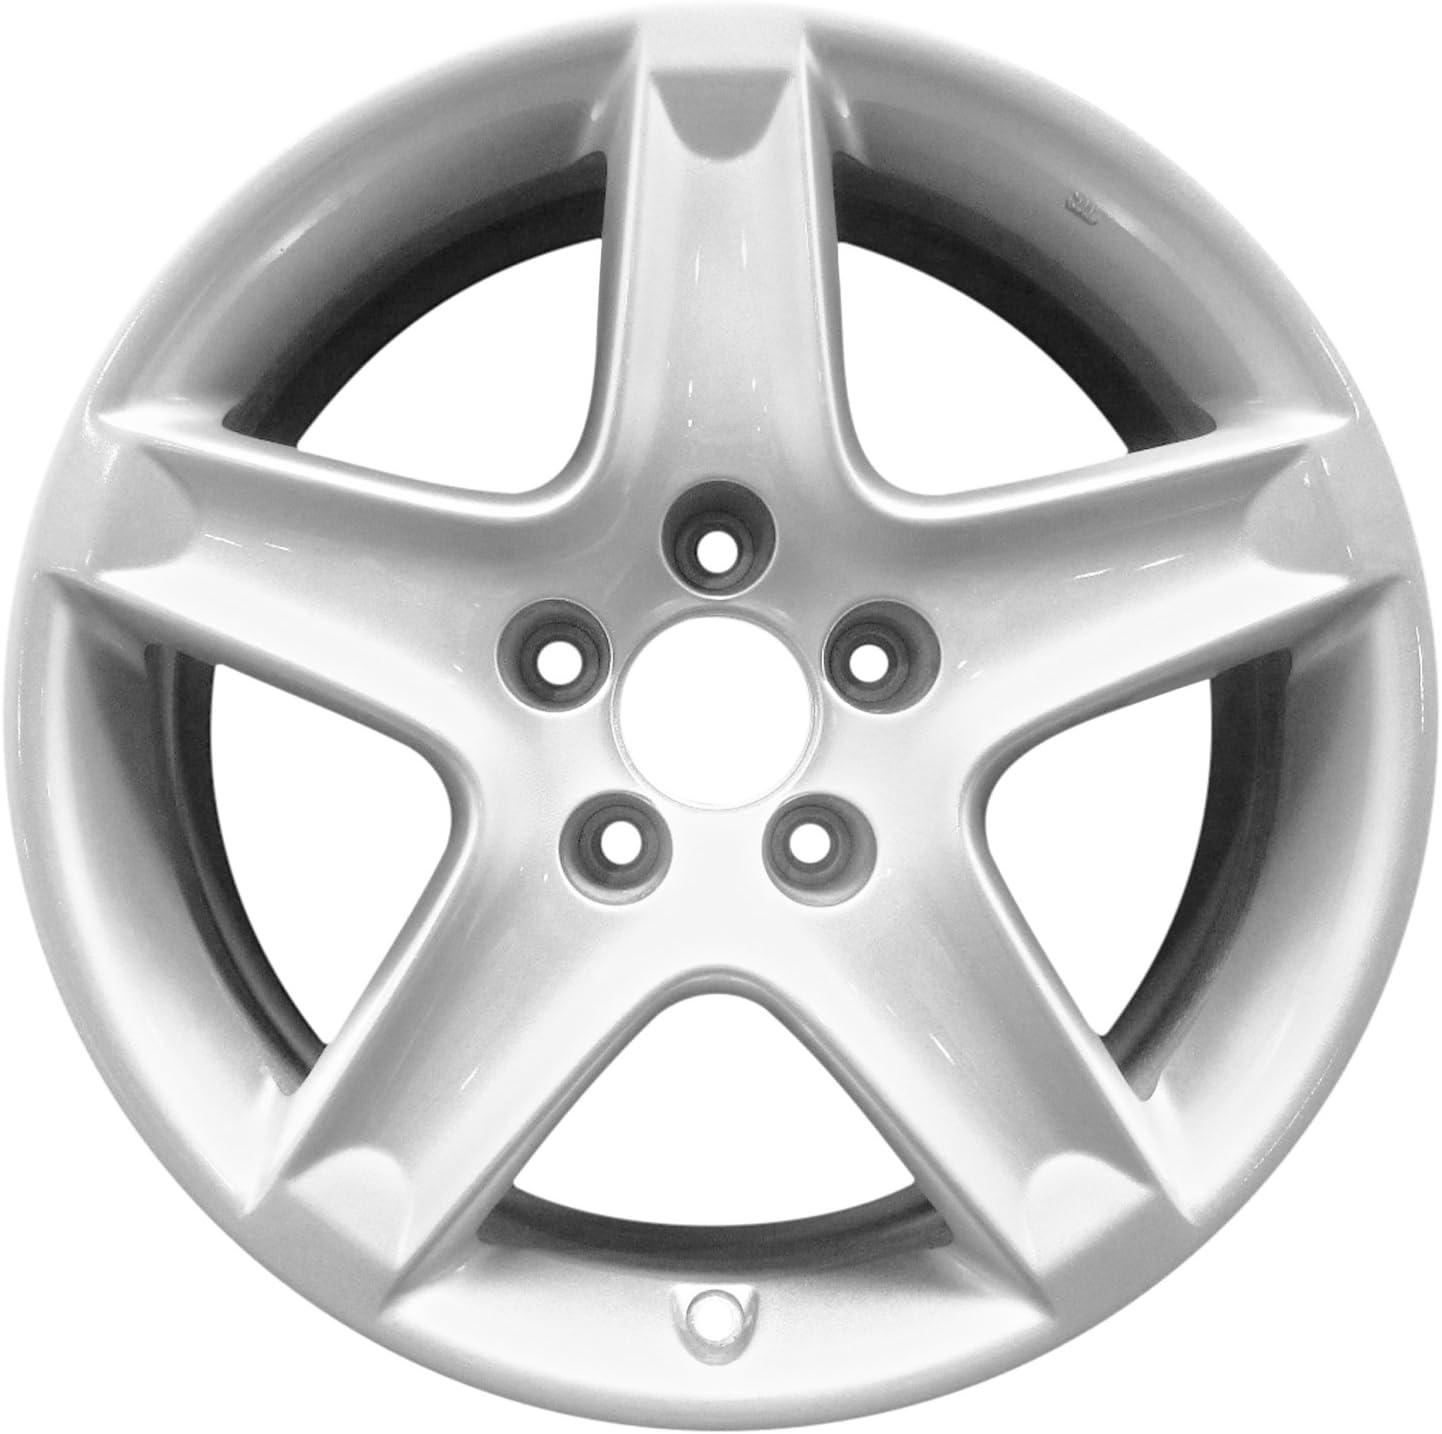 Auto Rim Shop - Brand New Max 51% OFF popularity 17